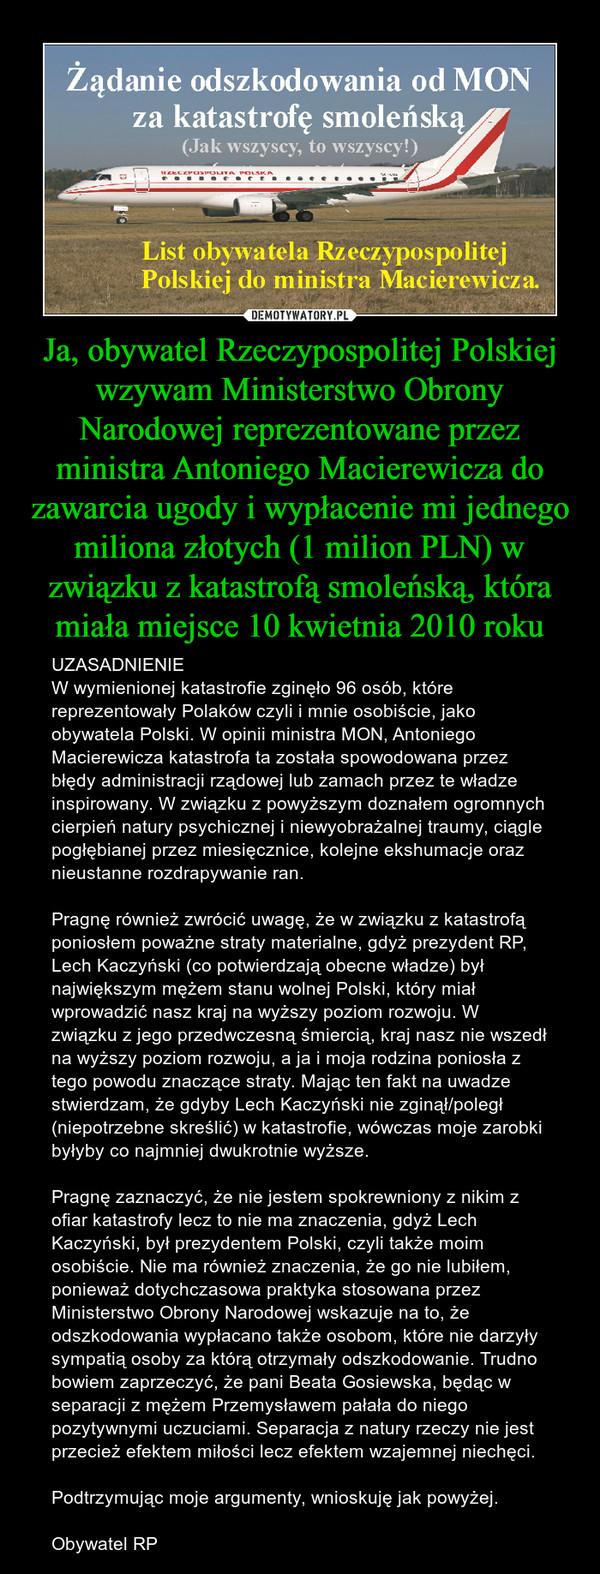 Ja, obywatel Rzeczypospolitej Polskiej wzywam Ministerstwo Obrony Narodowej reprezentowane przez ministra Antoniego Macierewicza do zawarcia ugody i wypłacenie mi jednego miliona złotych (1 milion PLN) w związku z katastrofą smoleńską, która miała miejsce – UZASADNIENIEW wymienionej katastrofie zginęło 96 osób, które reprezentowały Polaków czyli i mnie osobiście, jako obywatela Polski. W opinii ministra MON, Antoniego Macierewicza katastrofa ta została spowodowana przez błędy administracji rządowej lub zamach przez te władze inspirowany. W związku z powyższym doznałem ogromnych cierpień natury psychicznej i niewyobrażalnej traumy, ciągle pogłębianej przez miesięcznice, kolejne ekshumacje oraz nieustanne rozdrapywanie ran.Pragnę również zwrócić uwagę, że w związku z katastrofą poniosłem poważne straty materialne, gdyż prezydent RP, Lech Kaczyński (co potwierdzają obecne władze) był największym mężem stanu wolnej Polski, który miał wprowadzić nasz kraj na wyższy poziom rozwoju. W związku z jego przedwczesną śmiercią, kraj nasz nie wszedł na wyższy poziom rozwoju, a ja i moja rodzina poniosła z tego powodu znaczące straty. Mając ten fakt na uwadze stwierdzam, że gdyby Lech Kaczyński nie zginął/poległ (niepotrzebne skreślić) w katastrofie, wówczas moje zarobki byłyby co najmniej dwukrotnie wyższe.Pragnę zaznaczyć, że nie jestem spokrewniony z nikim z ofiar katastrofy lecz to nie ma znaczenia, gdyż Lech Kaczyński, był prezydentem Polski, czyli także moim osobiście. Nie ma również znaczenia, że go nie lubiłem, ponieważ dotychczasowa praktyka stosowana przez Ministerstwo Obrony Narodowej wskazuje na to, że odszkodowania wypłacano także osobom, które nie darzyły sympatią osoby za którą otrzymały odszkodowanie. Trudno bowiem zaprzeczyć, że pani Beata Gosiewska, będąc w separacji z mężem Przemysławem pałała do niego pozytywnymi uczuciami. Separacja z natury rzeczy nie jest przecież efektem miłości lecz efektem wzajemnej niechęci.Podtrzymując moje argumenty, wnioskuję jak powy